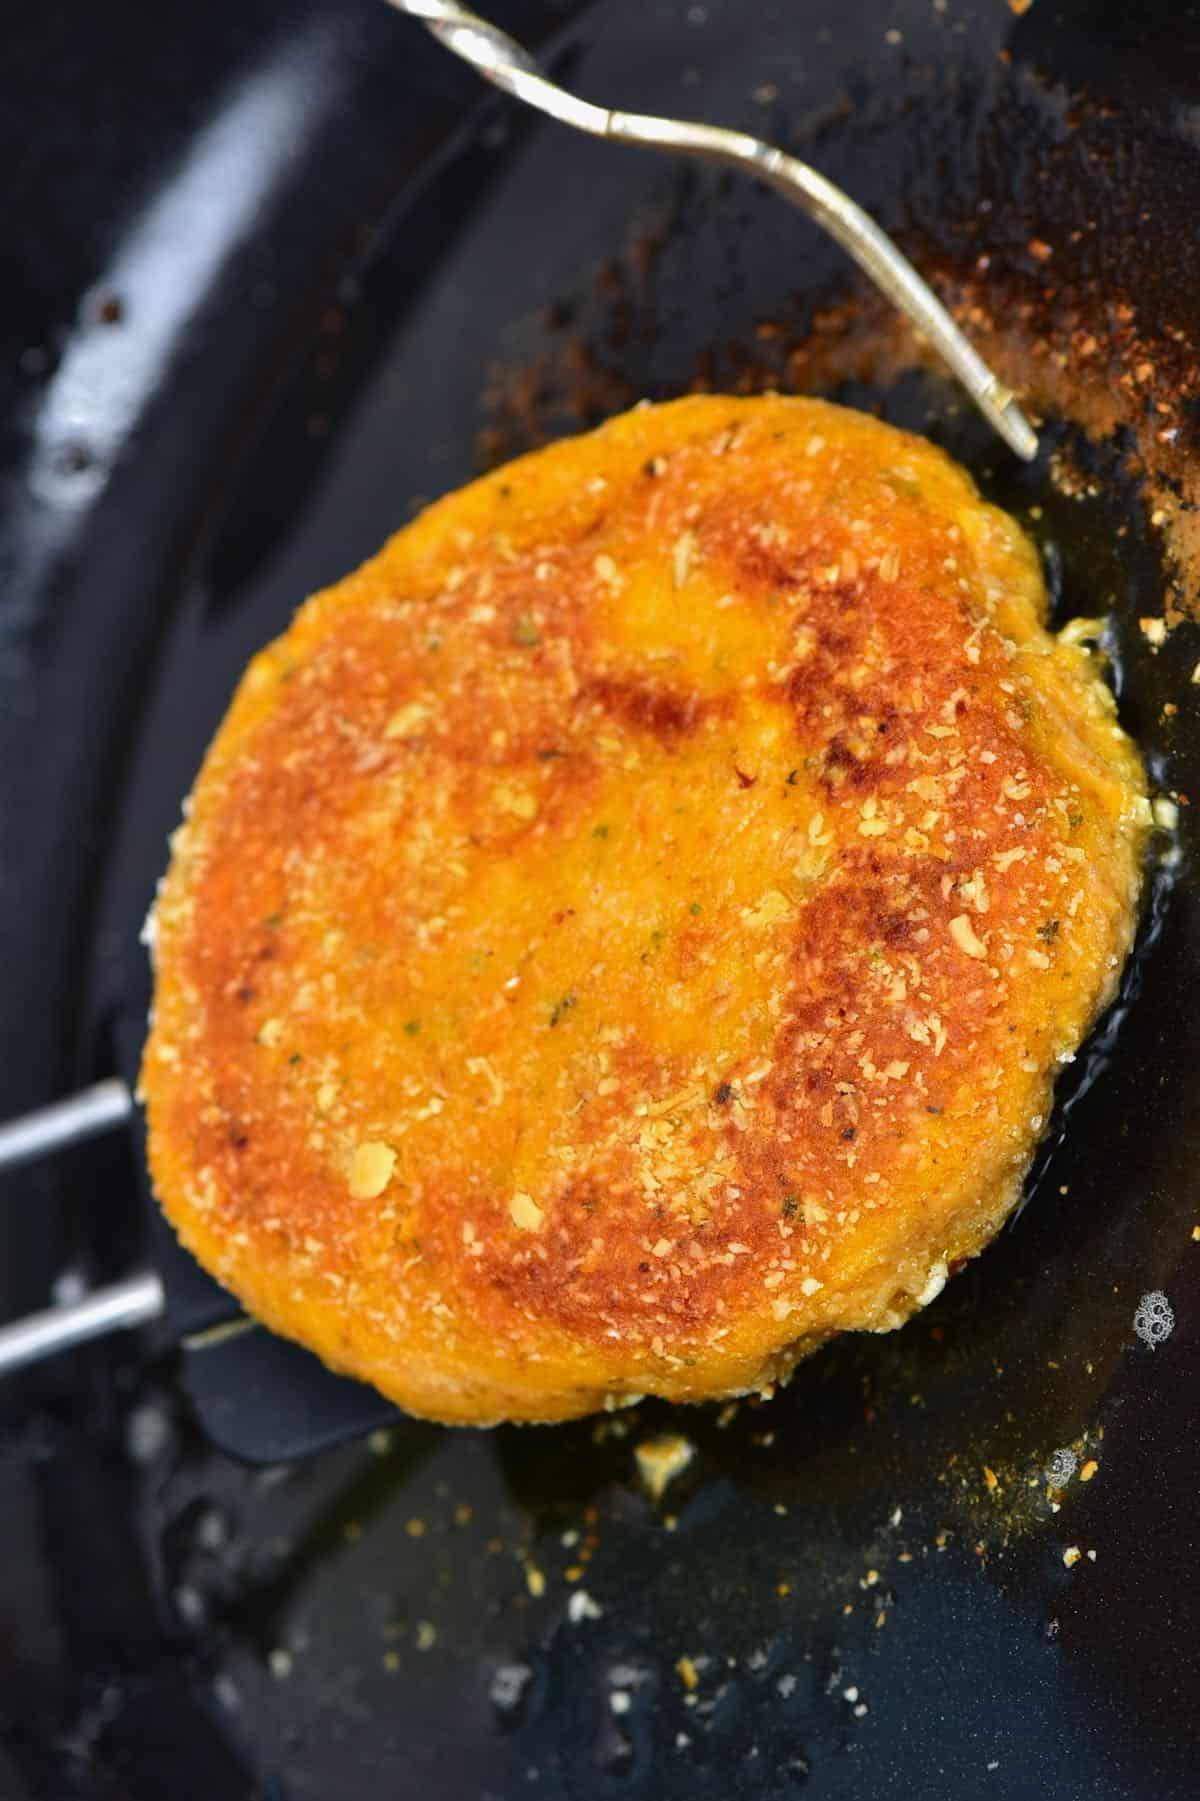 Frying a pumpkin burger patty in a pan